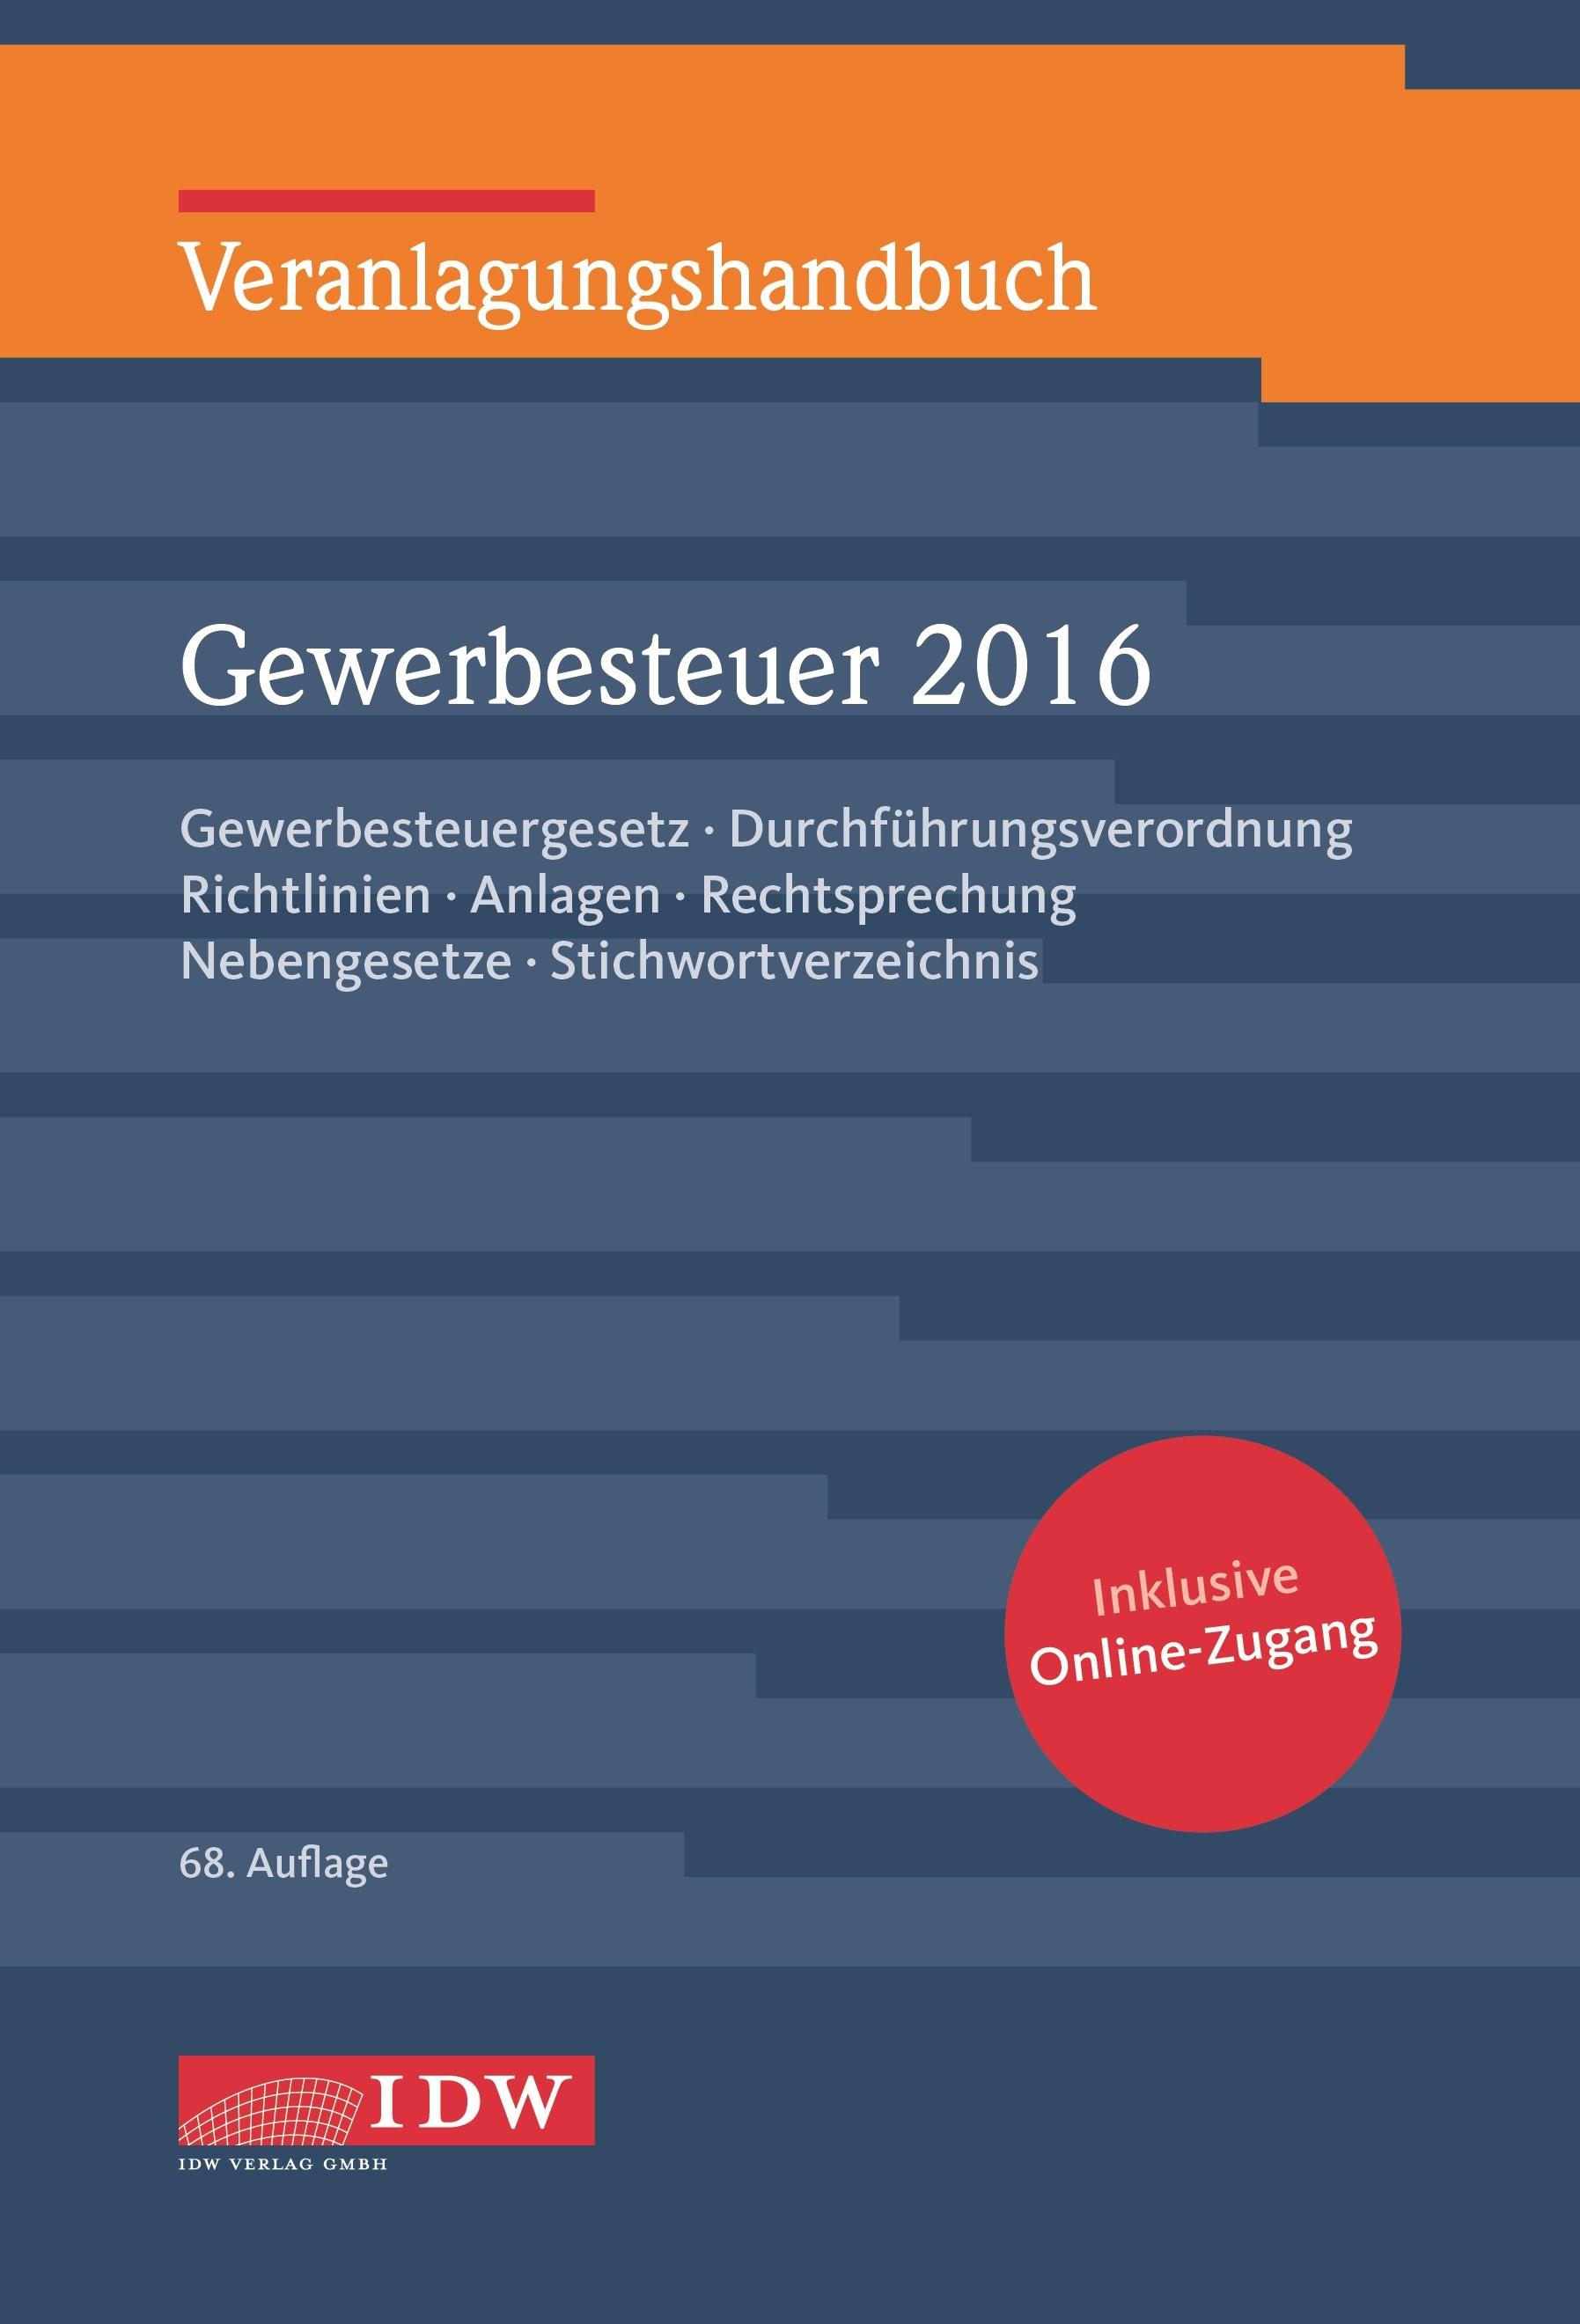 Veranlagungshandbuch Gewerbesteuer 2016 | Institut der Wirtschaftsprüfer / Boveleth | 66. Auflage, 2017 (Cover)